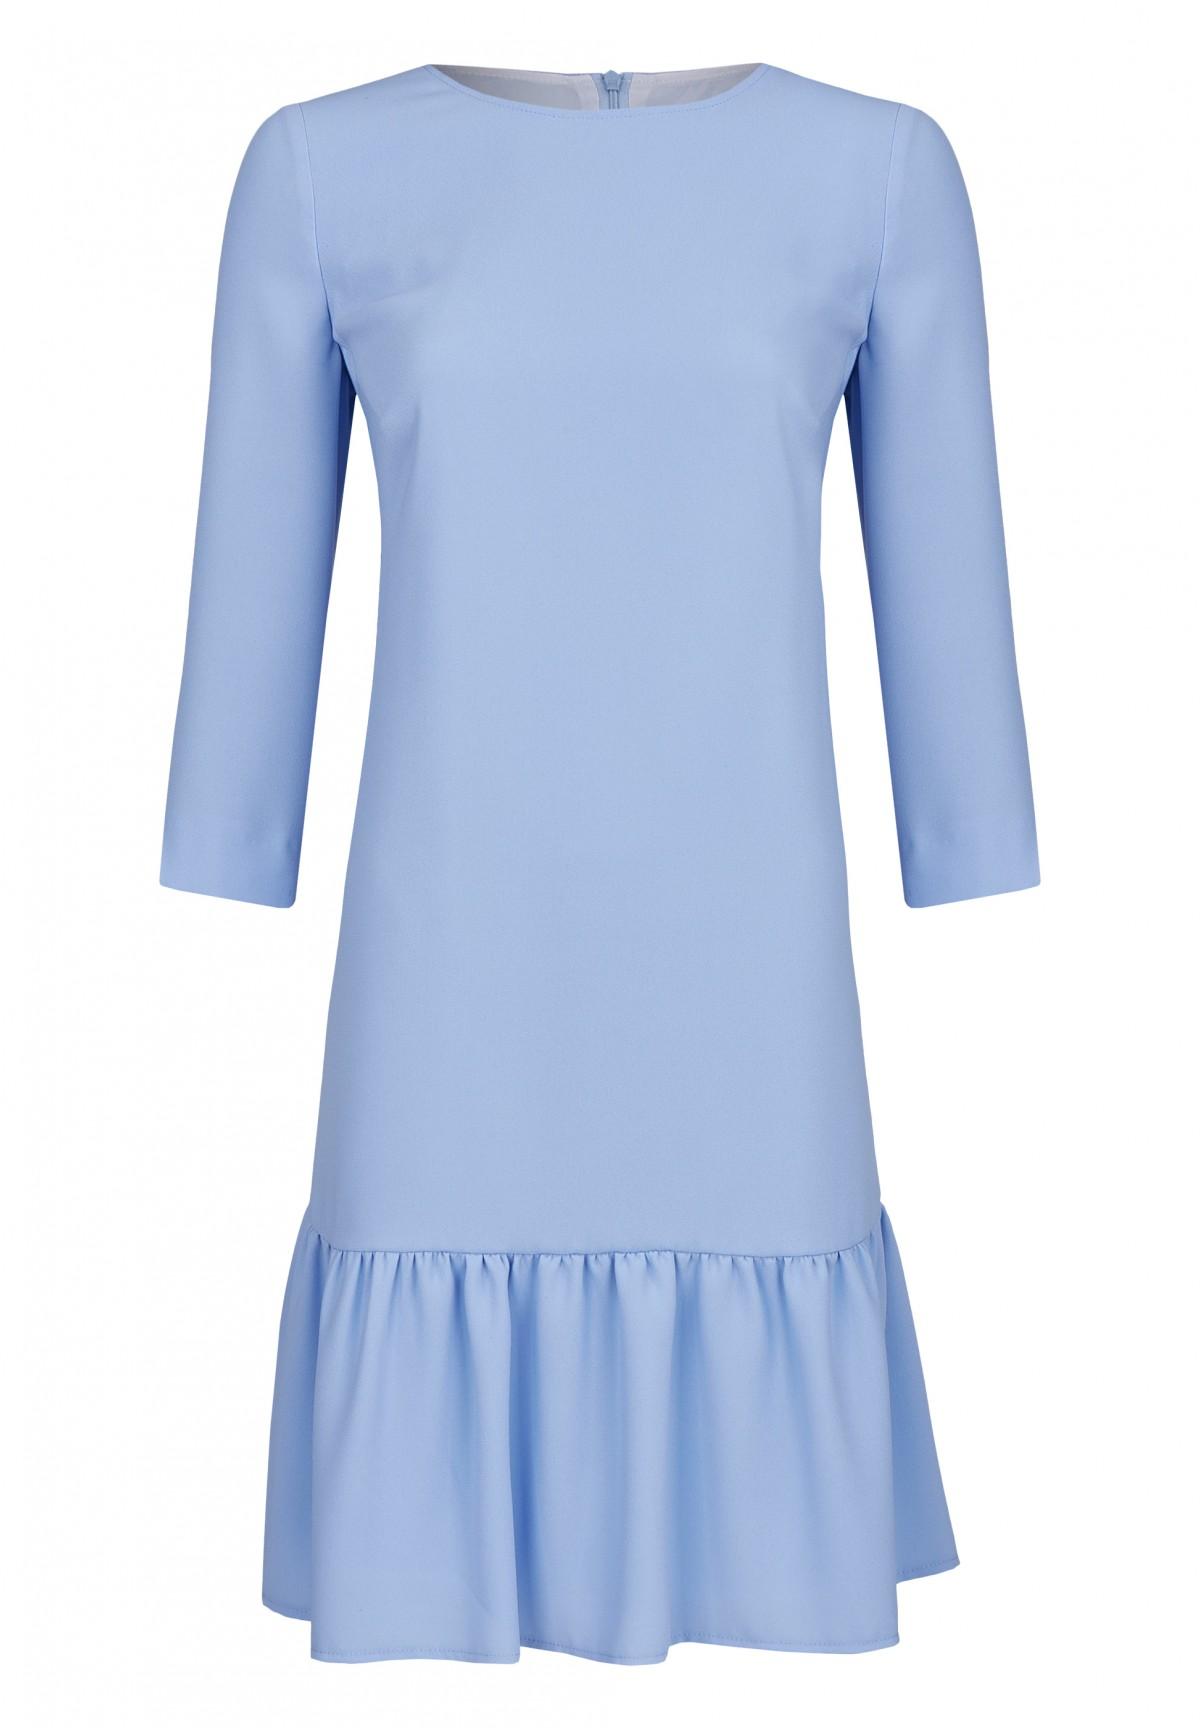 Modernes Kleid mit geradem Schnitt / Dress